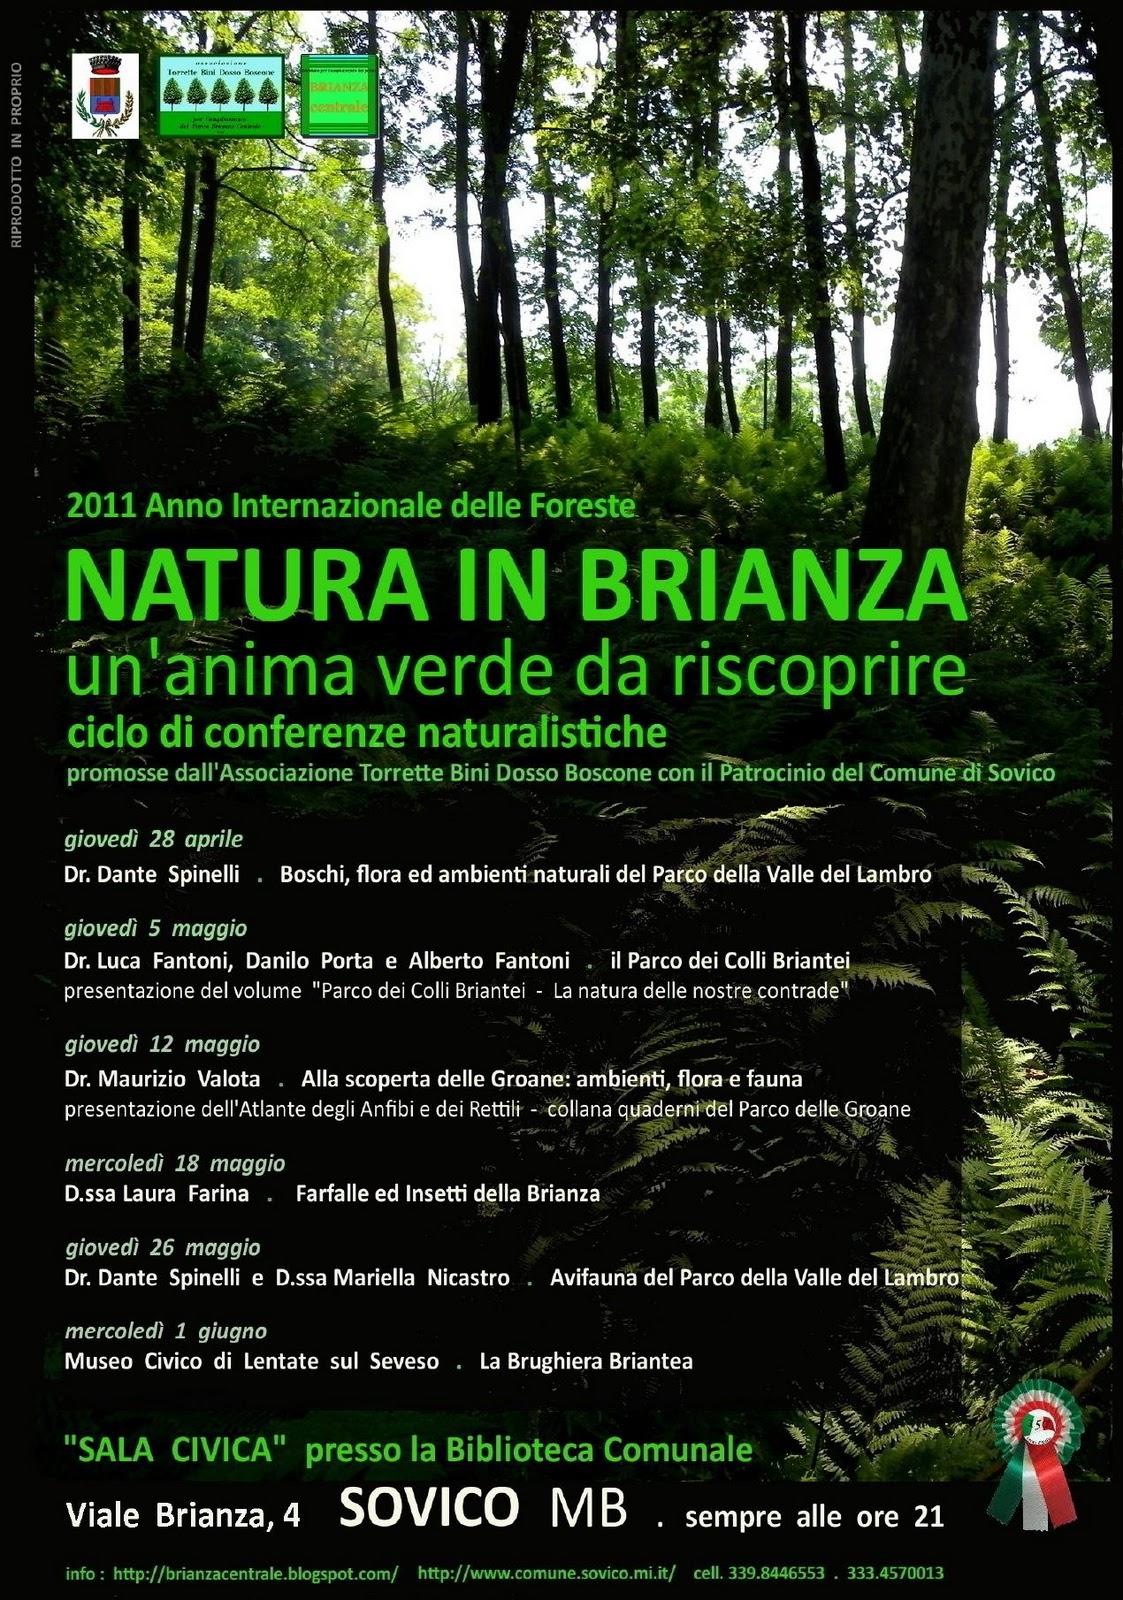 Brianza centrale natura in brianza un 39 anima verde da for B b misinto